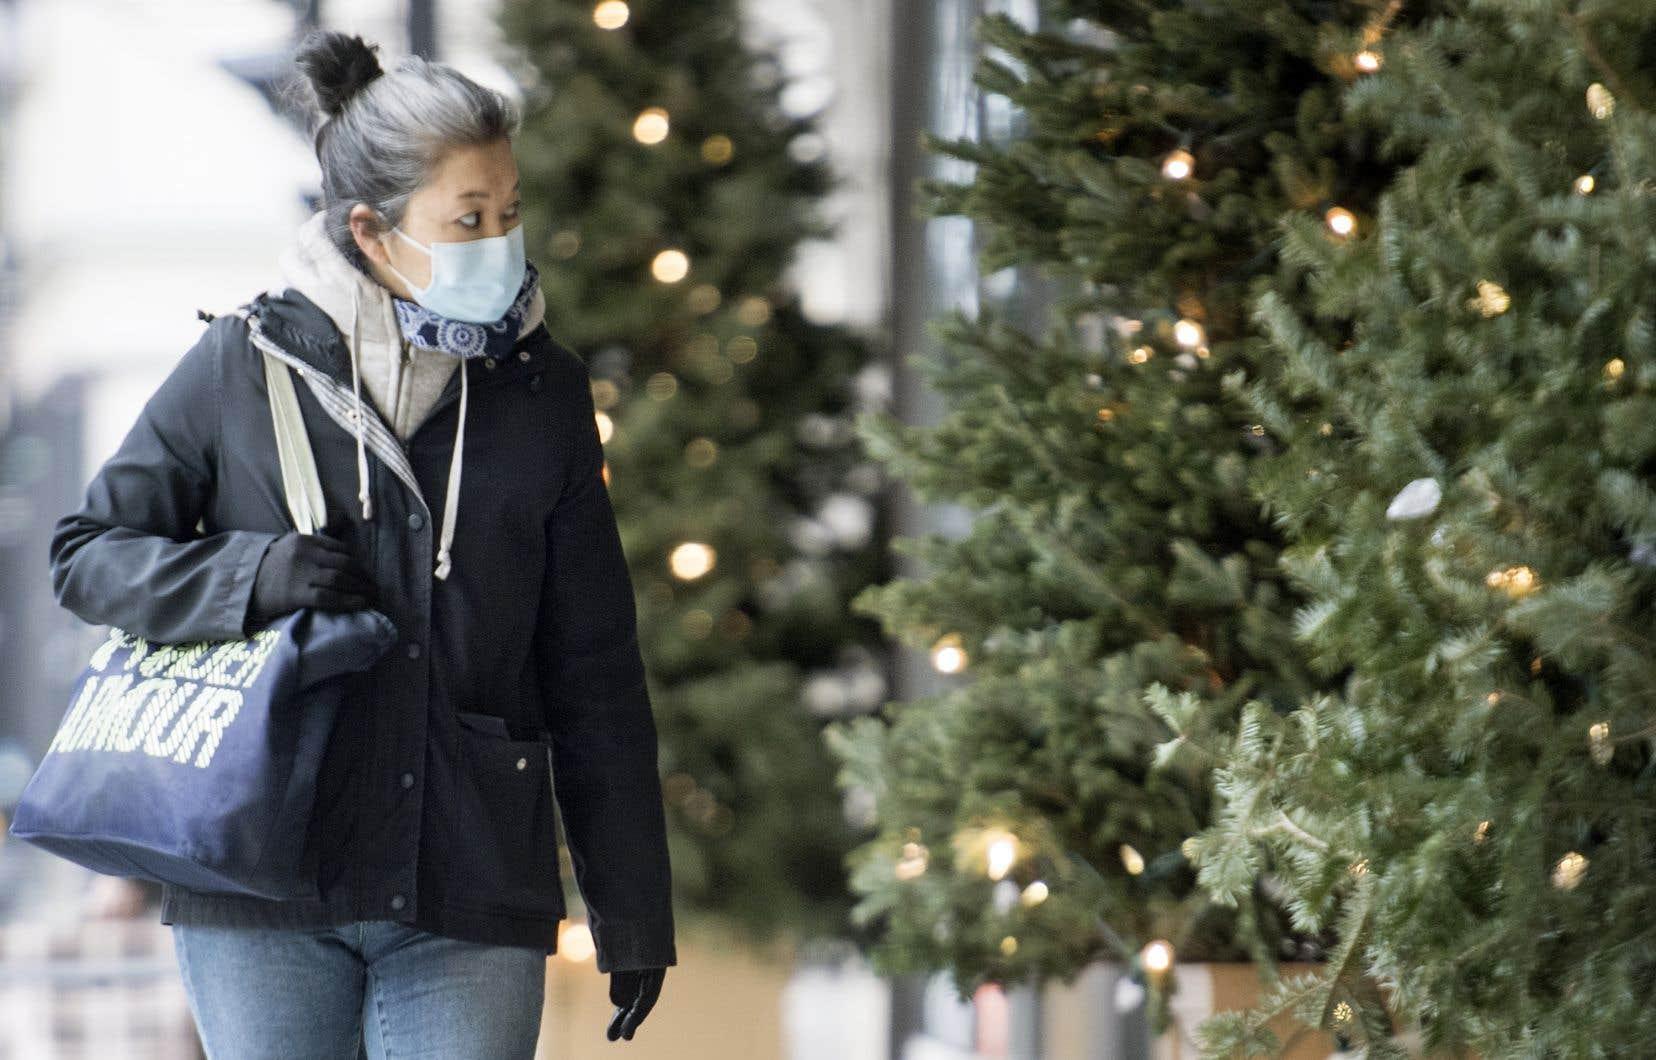 La décision d'annuler les quatre jours de Noël, durant lesquels deux rassemblements étaient permis, «n'a pas été prise de gaieté de cœur», a souligné la vice-première ministre, Geneviève Guilbault vendredi.